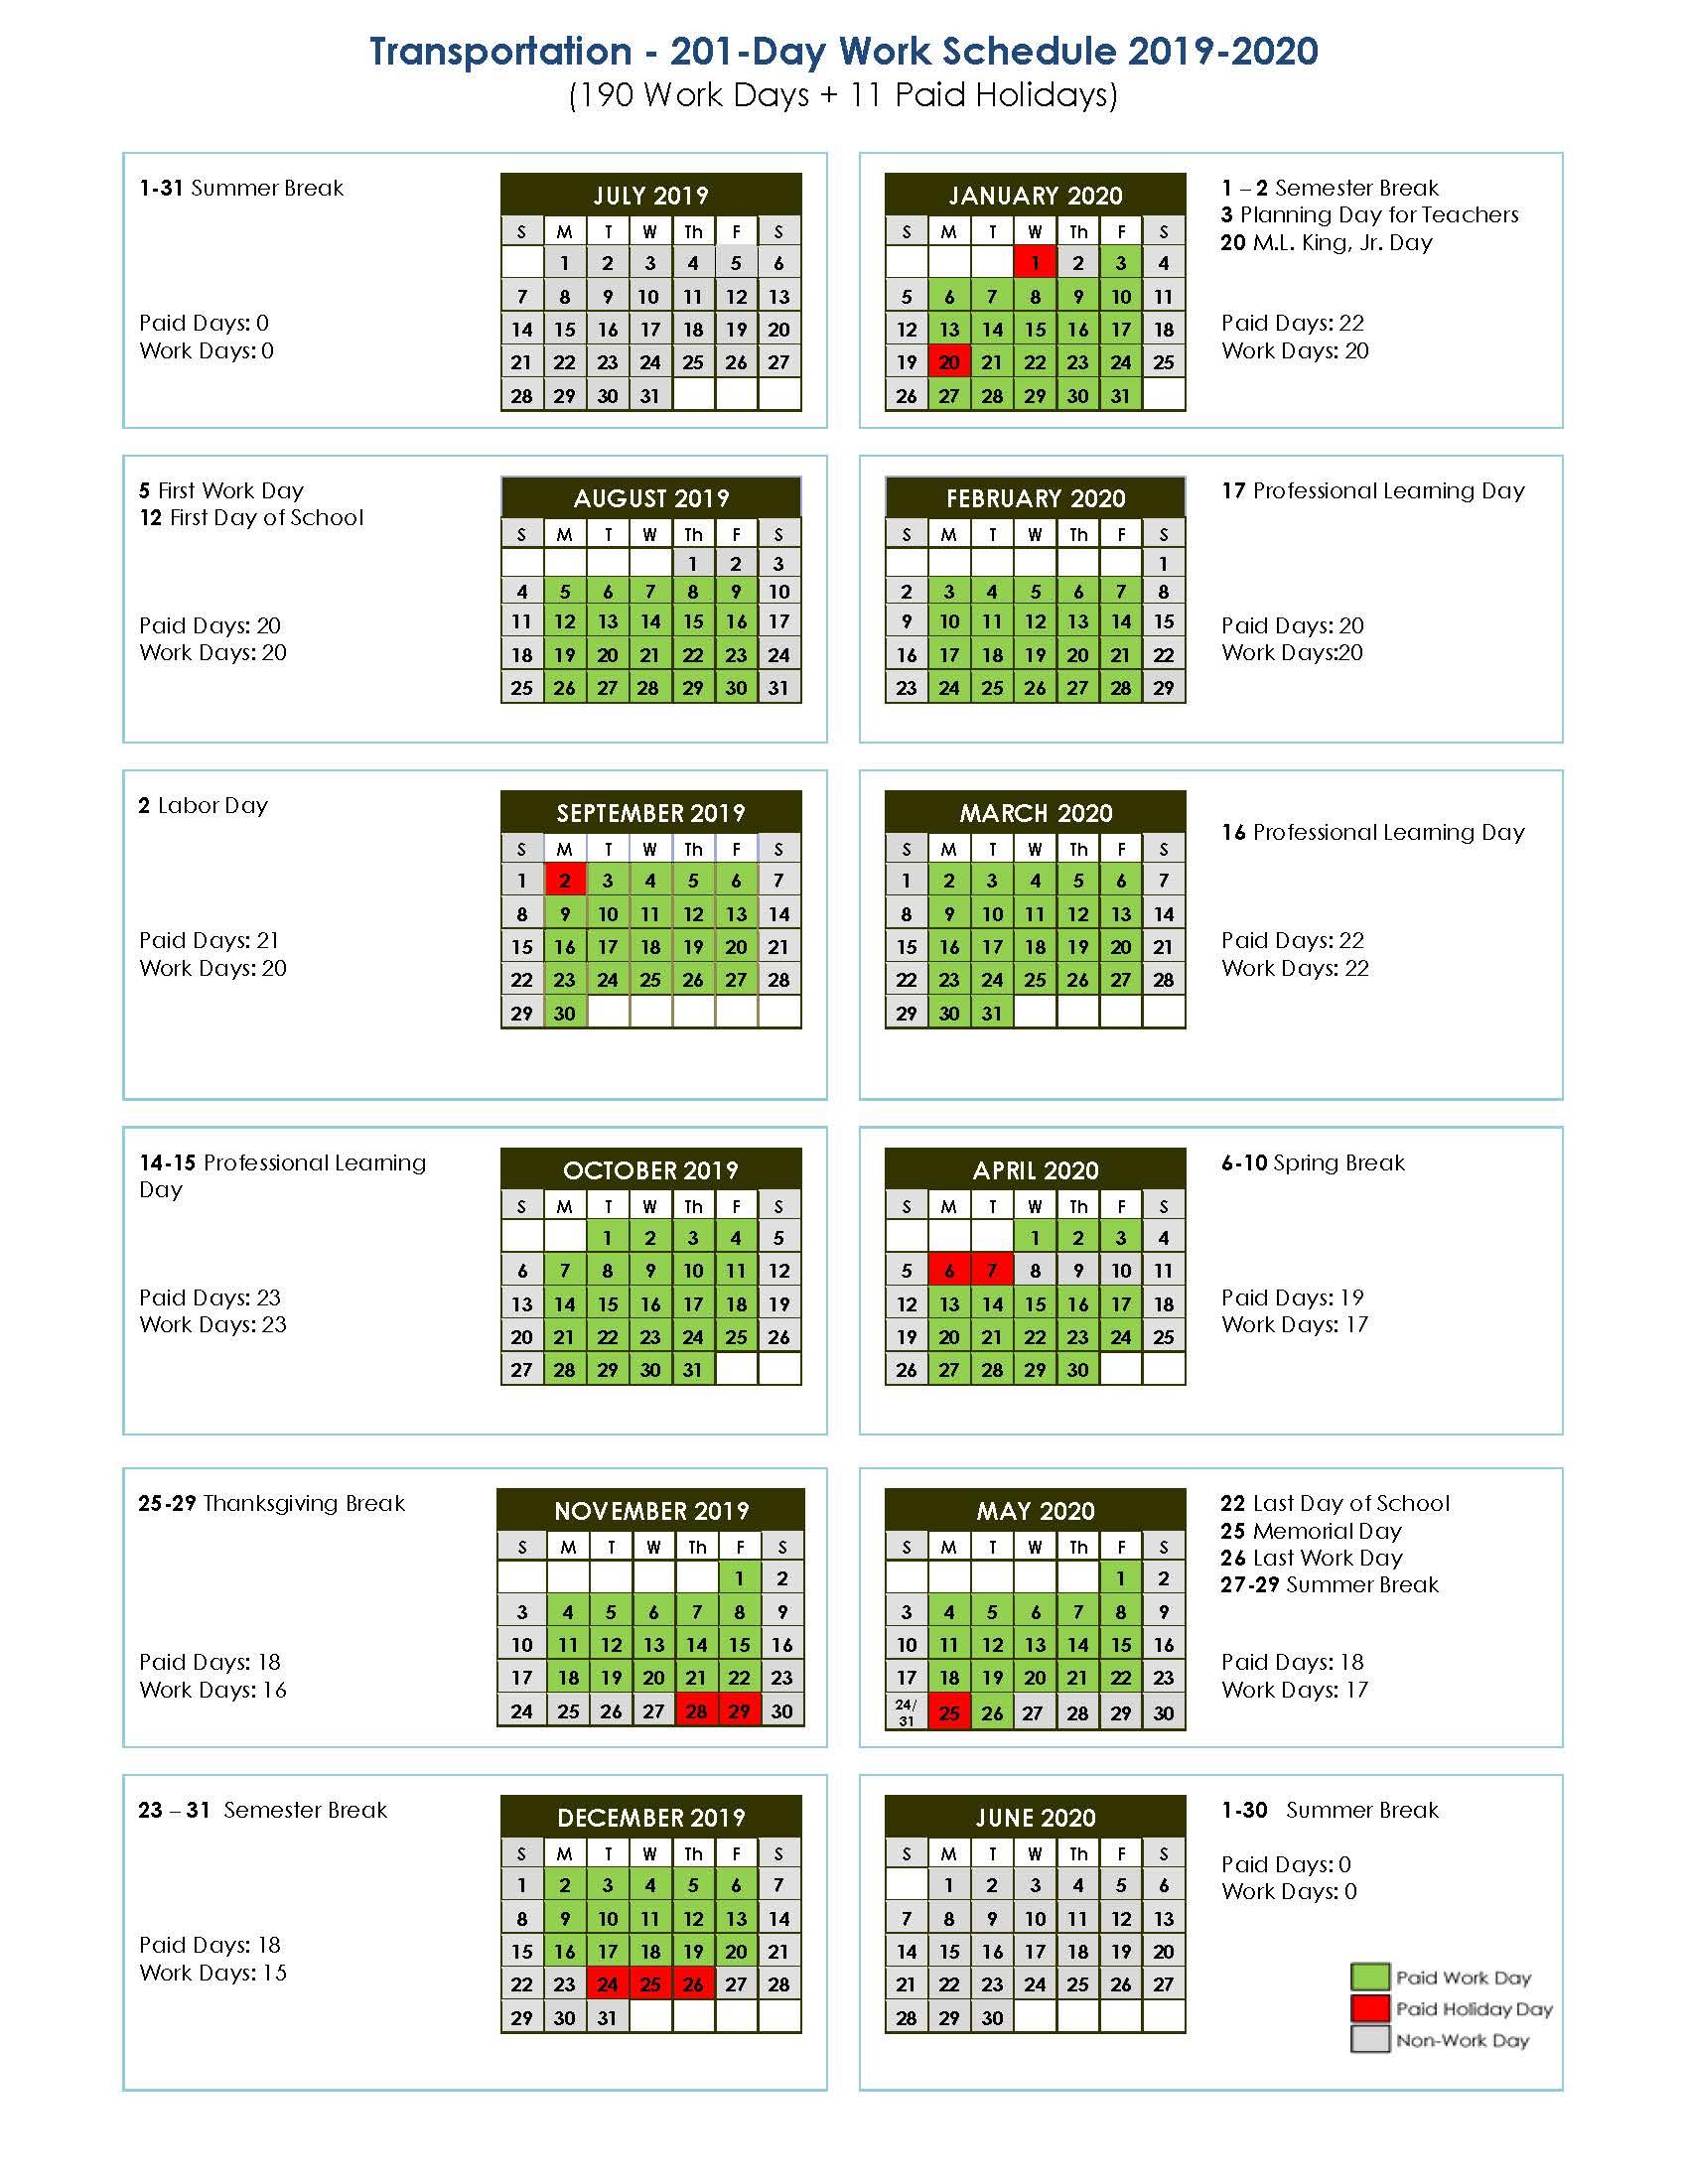 Transportation 201-Day Work Schedule